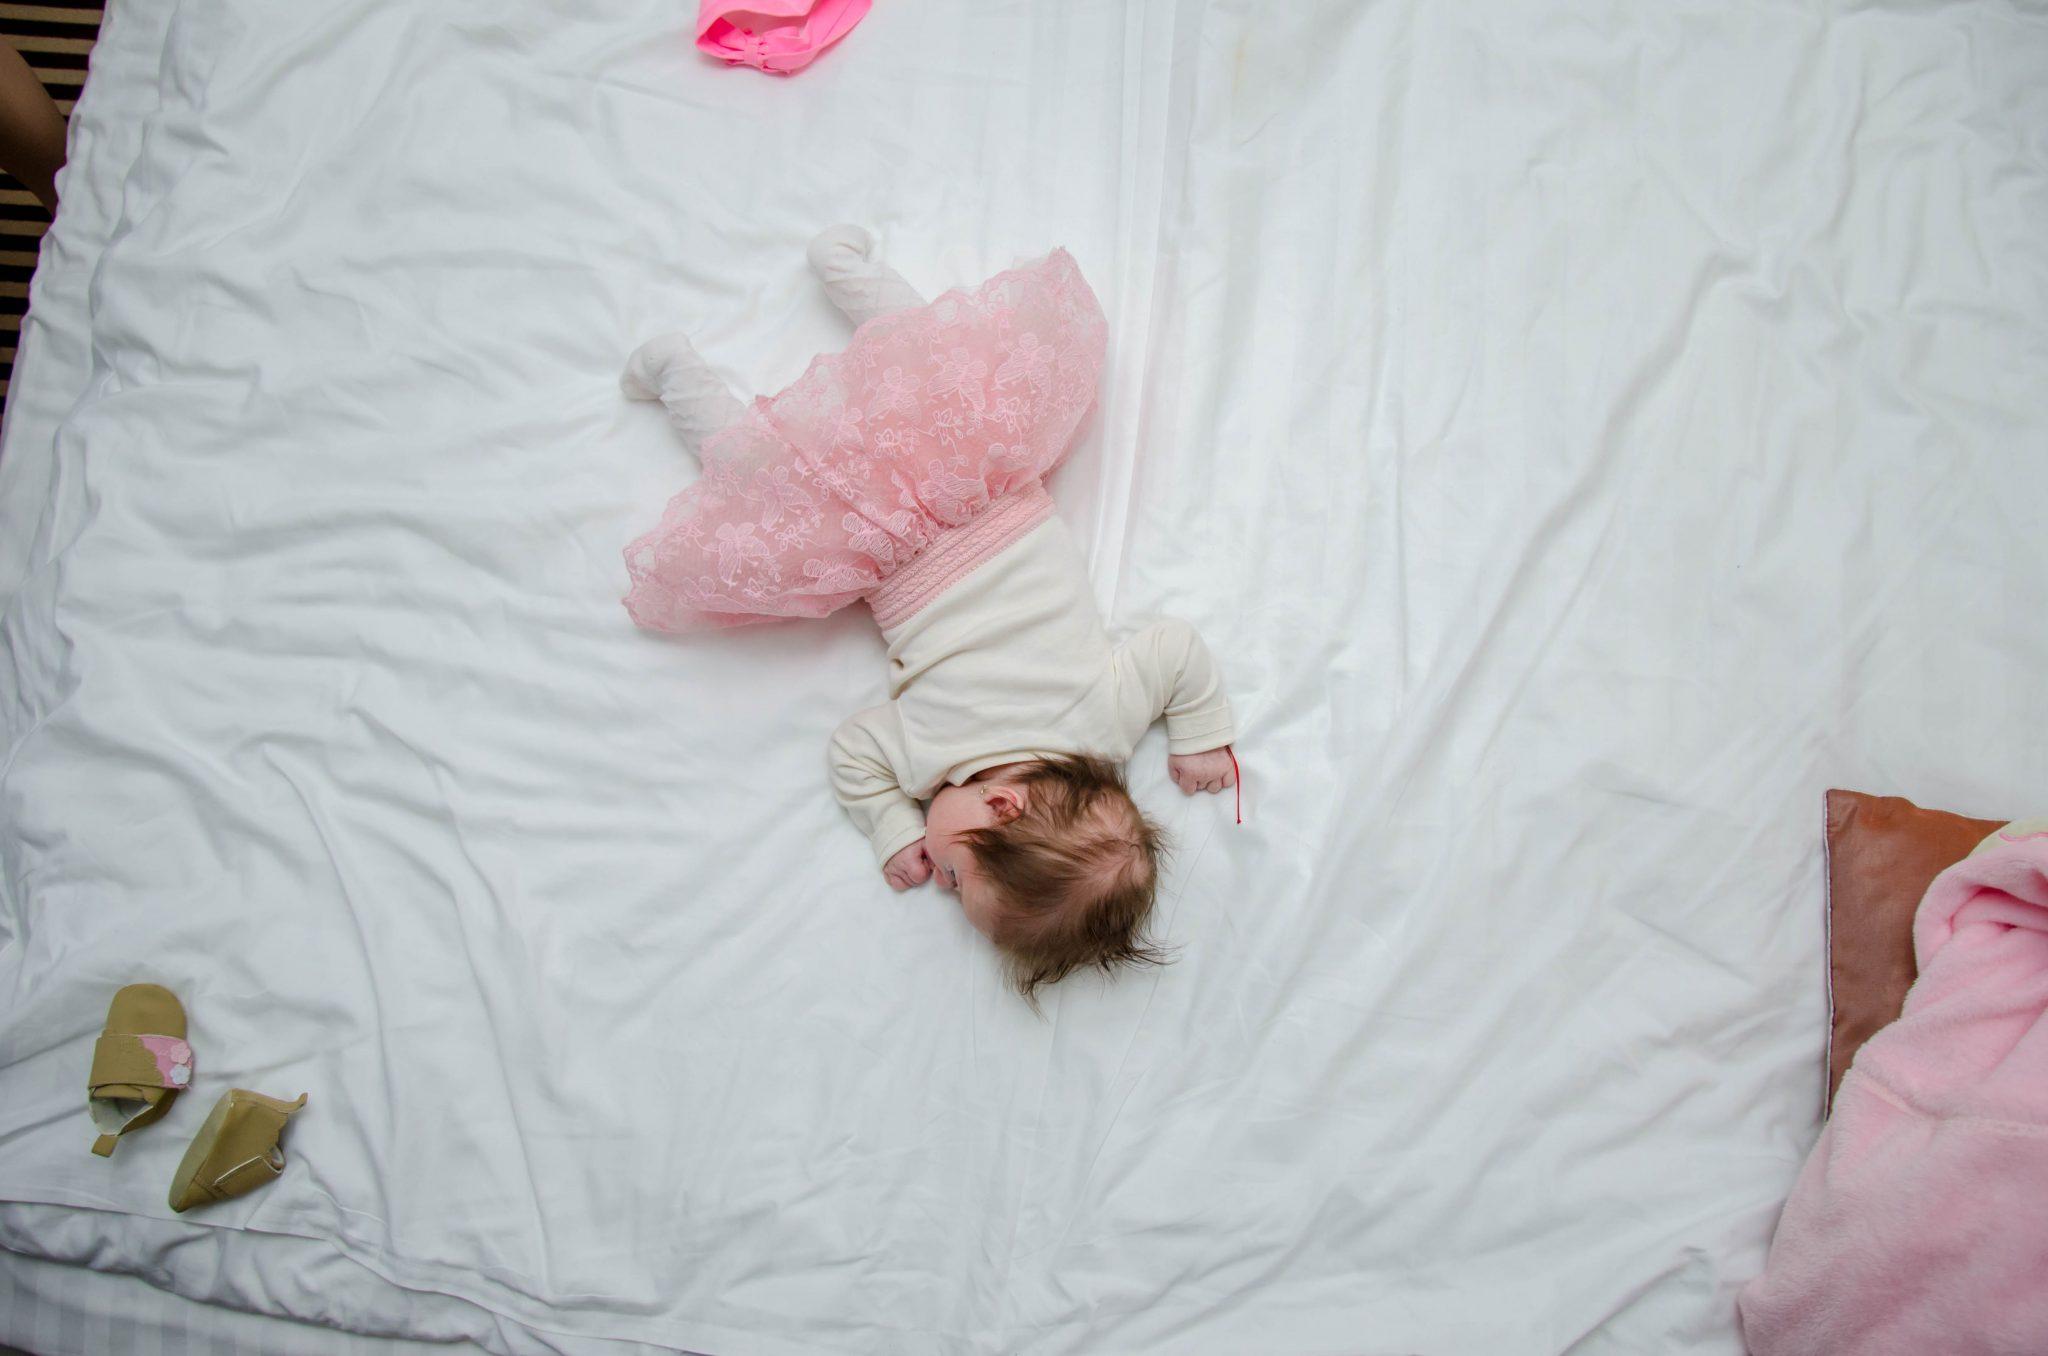 Bebek anne ve babanın en değerli varlığıdır